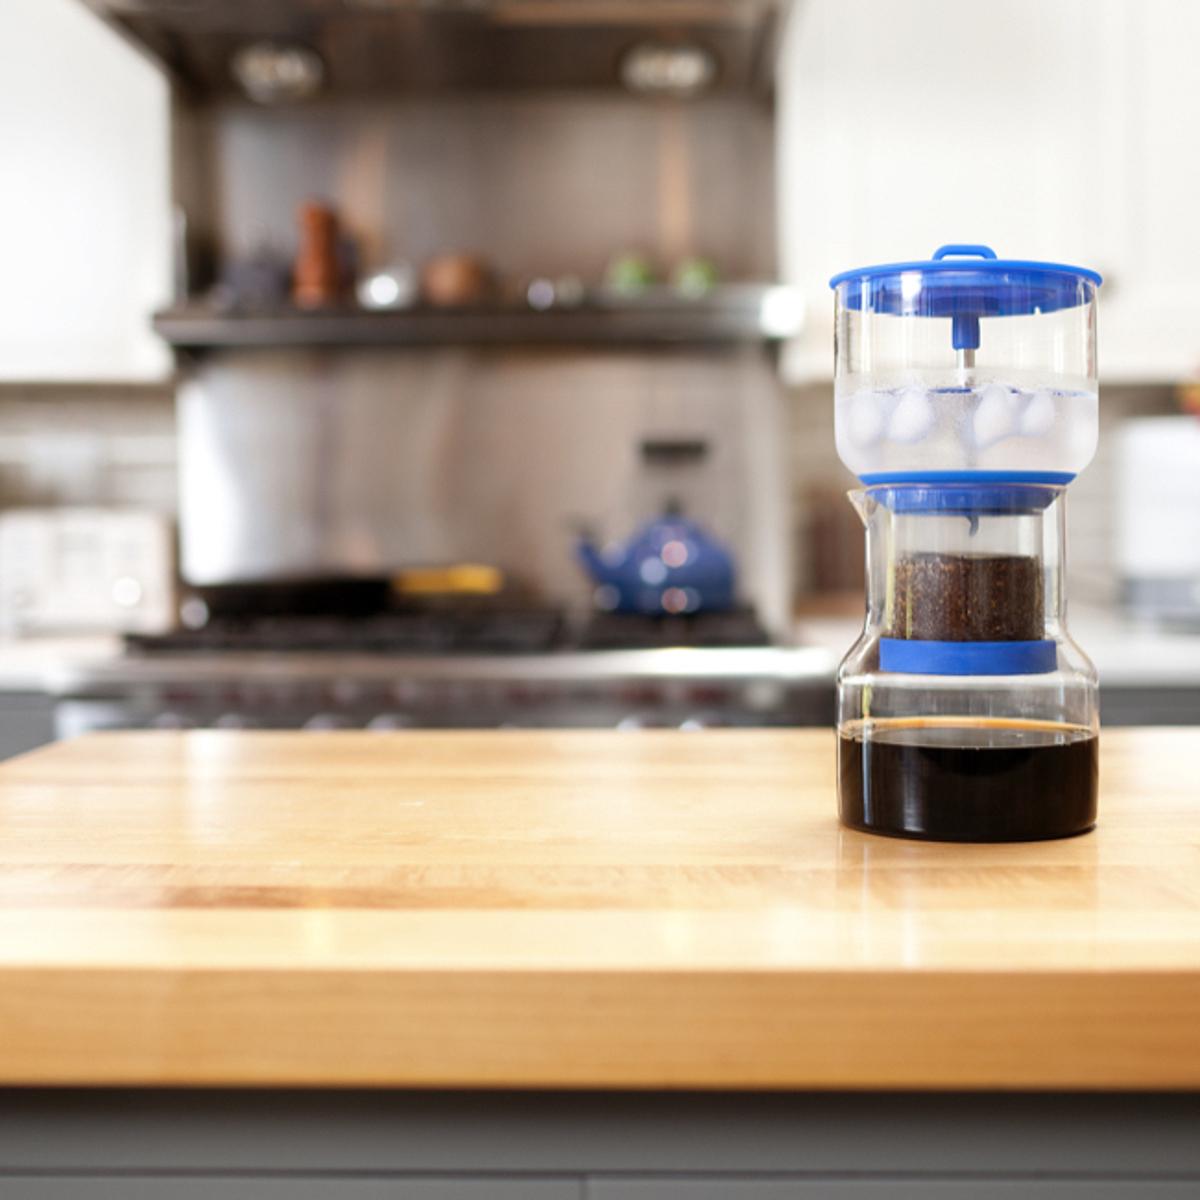 いつでも自宅で、喫茶店の美味しいアイス珈琲|「京都式」とも呼ばれるスロードリップ式 - 喫茶店の美味しいアイス珈琲をいつもご自宅の冷蔵庫に | コールドブリューコーヒー BRUER(ブルーアー)